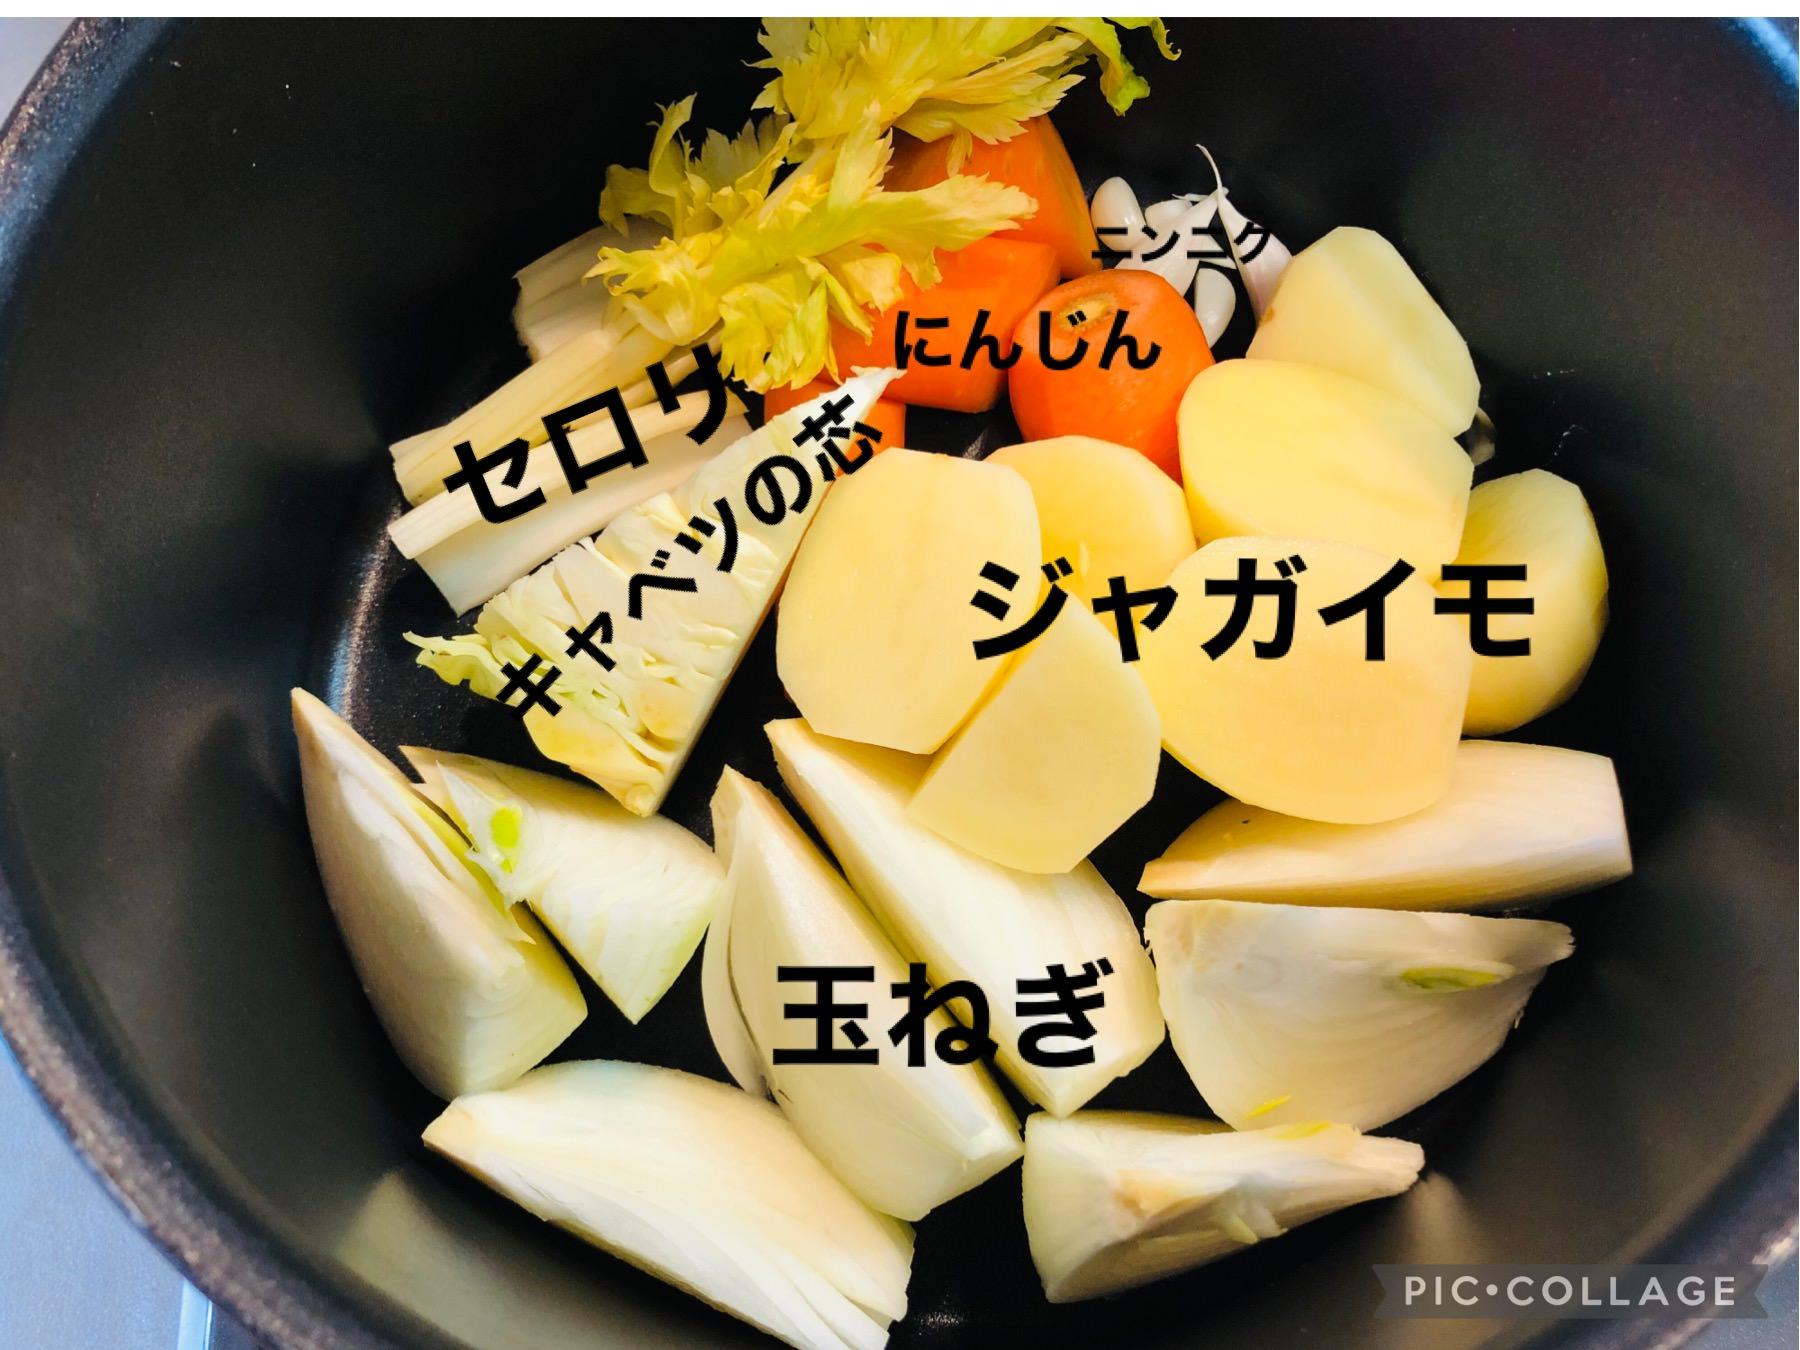 カットして鍋に入れた野菜の画像です